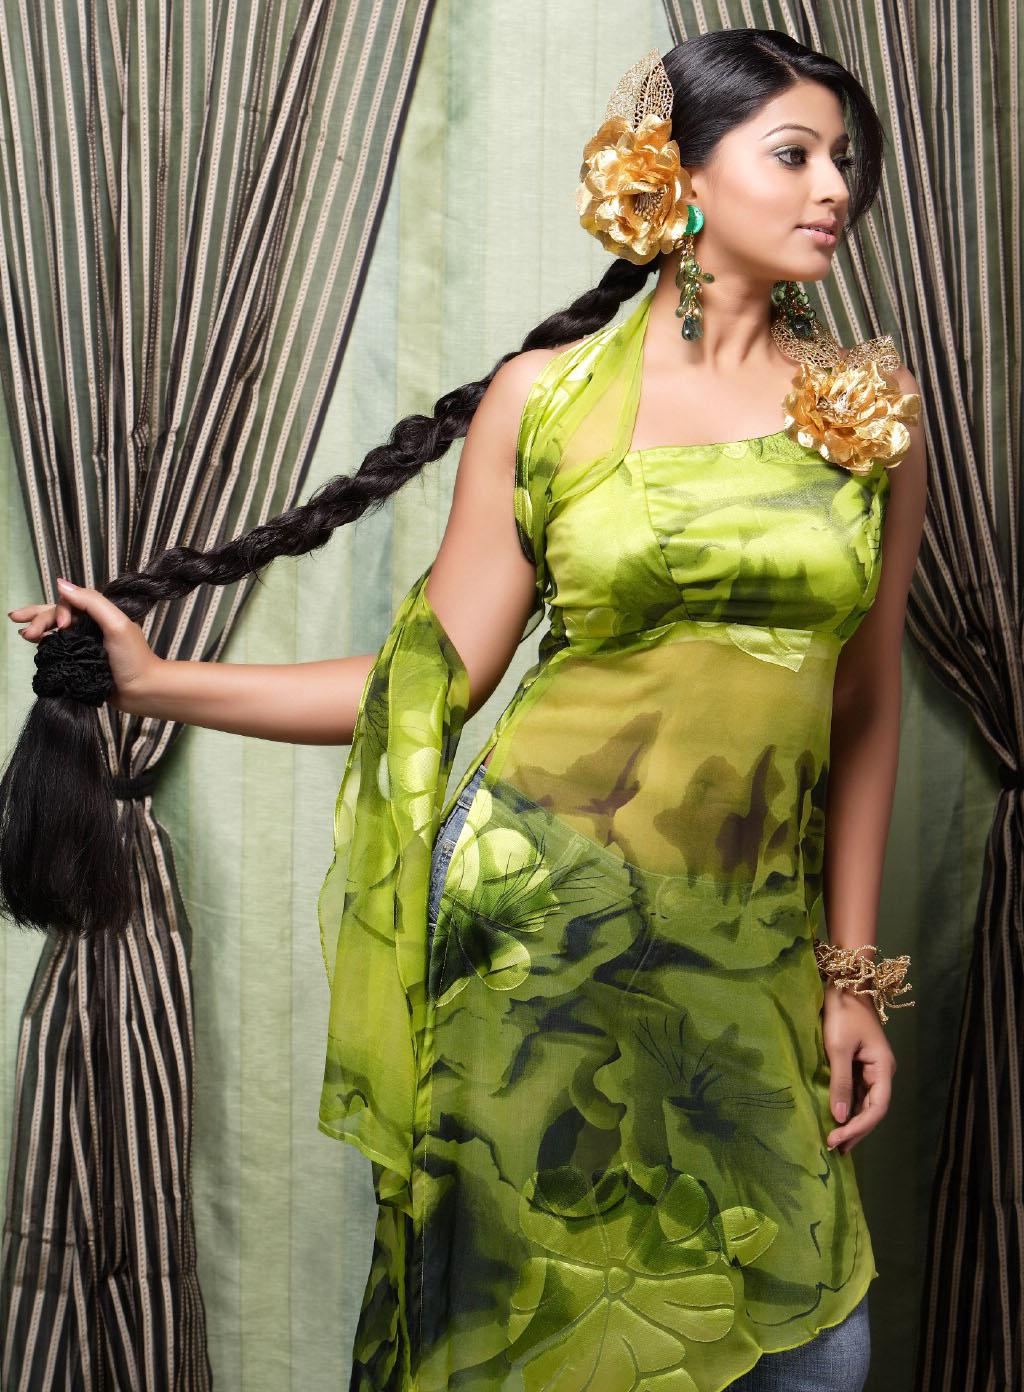 http://2.bp.blogspot.com/_A5Dr1aGmzeg/TTkW9cPk0PI/AAAAAAAAAGQ/6fyGKRMgkkU/s1600/SNEHA+HOT++www.indiancinemagallery4u.blogspot.com.jpg